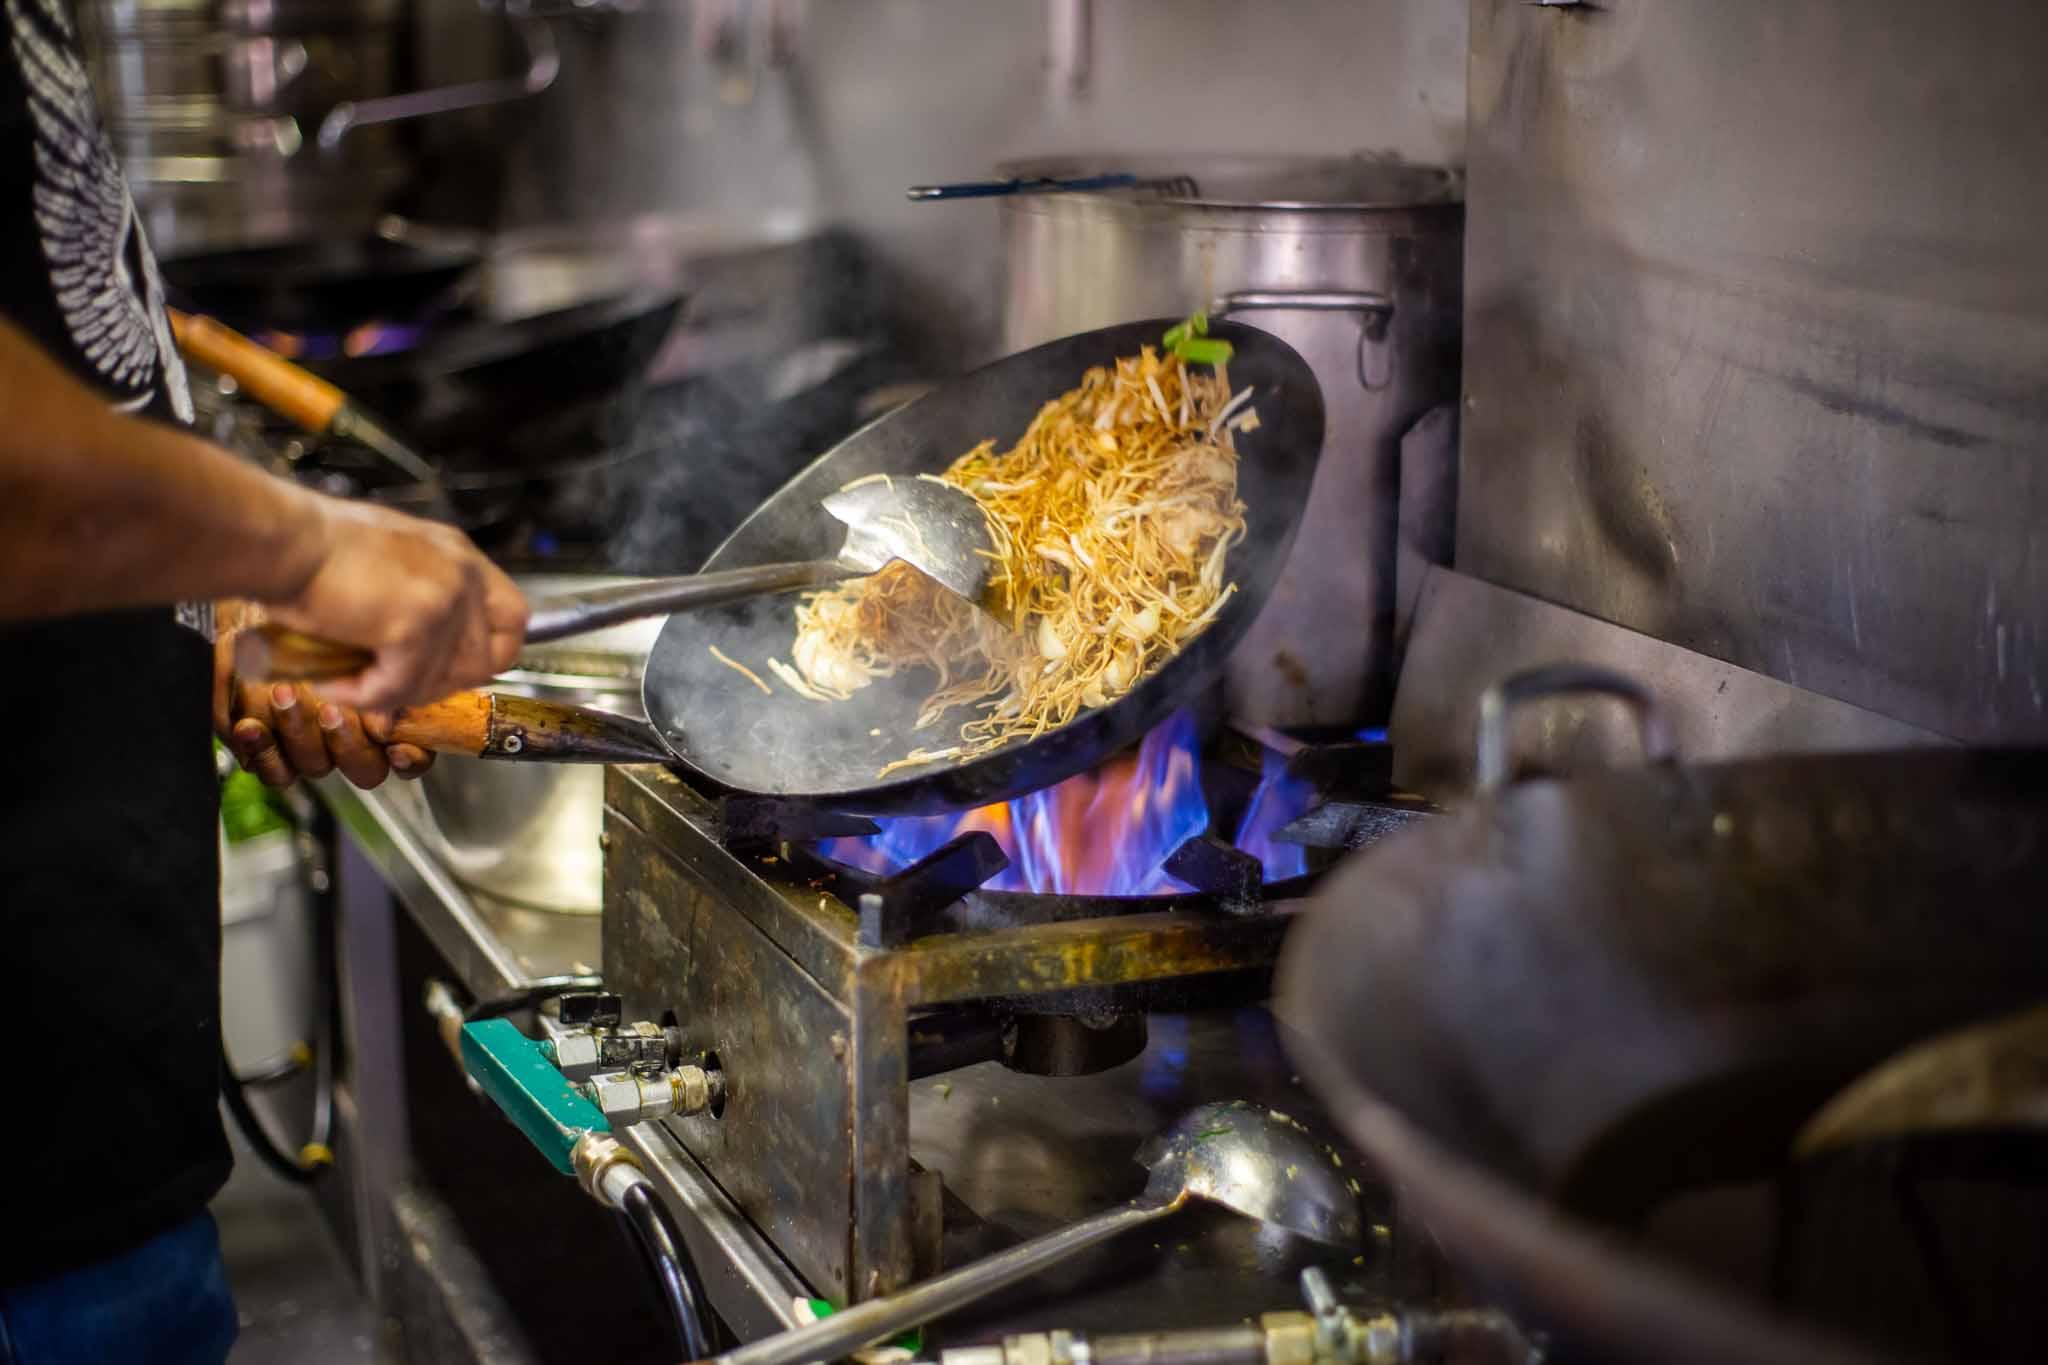 Chinese chef preparing stir fry dish